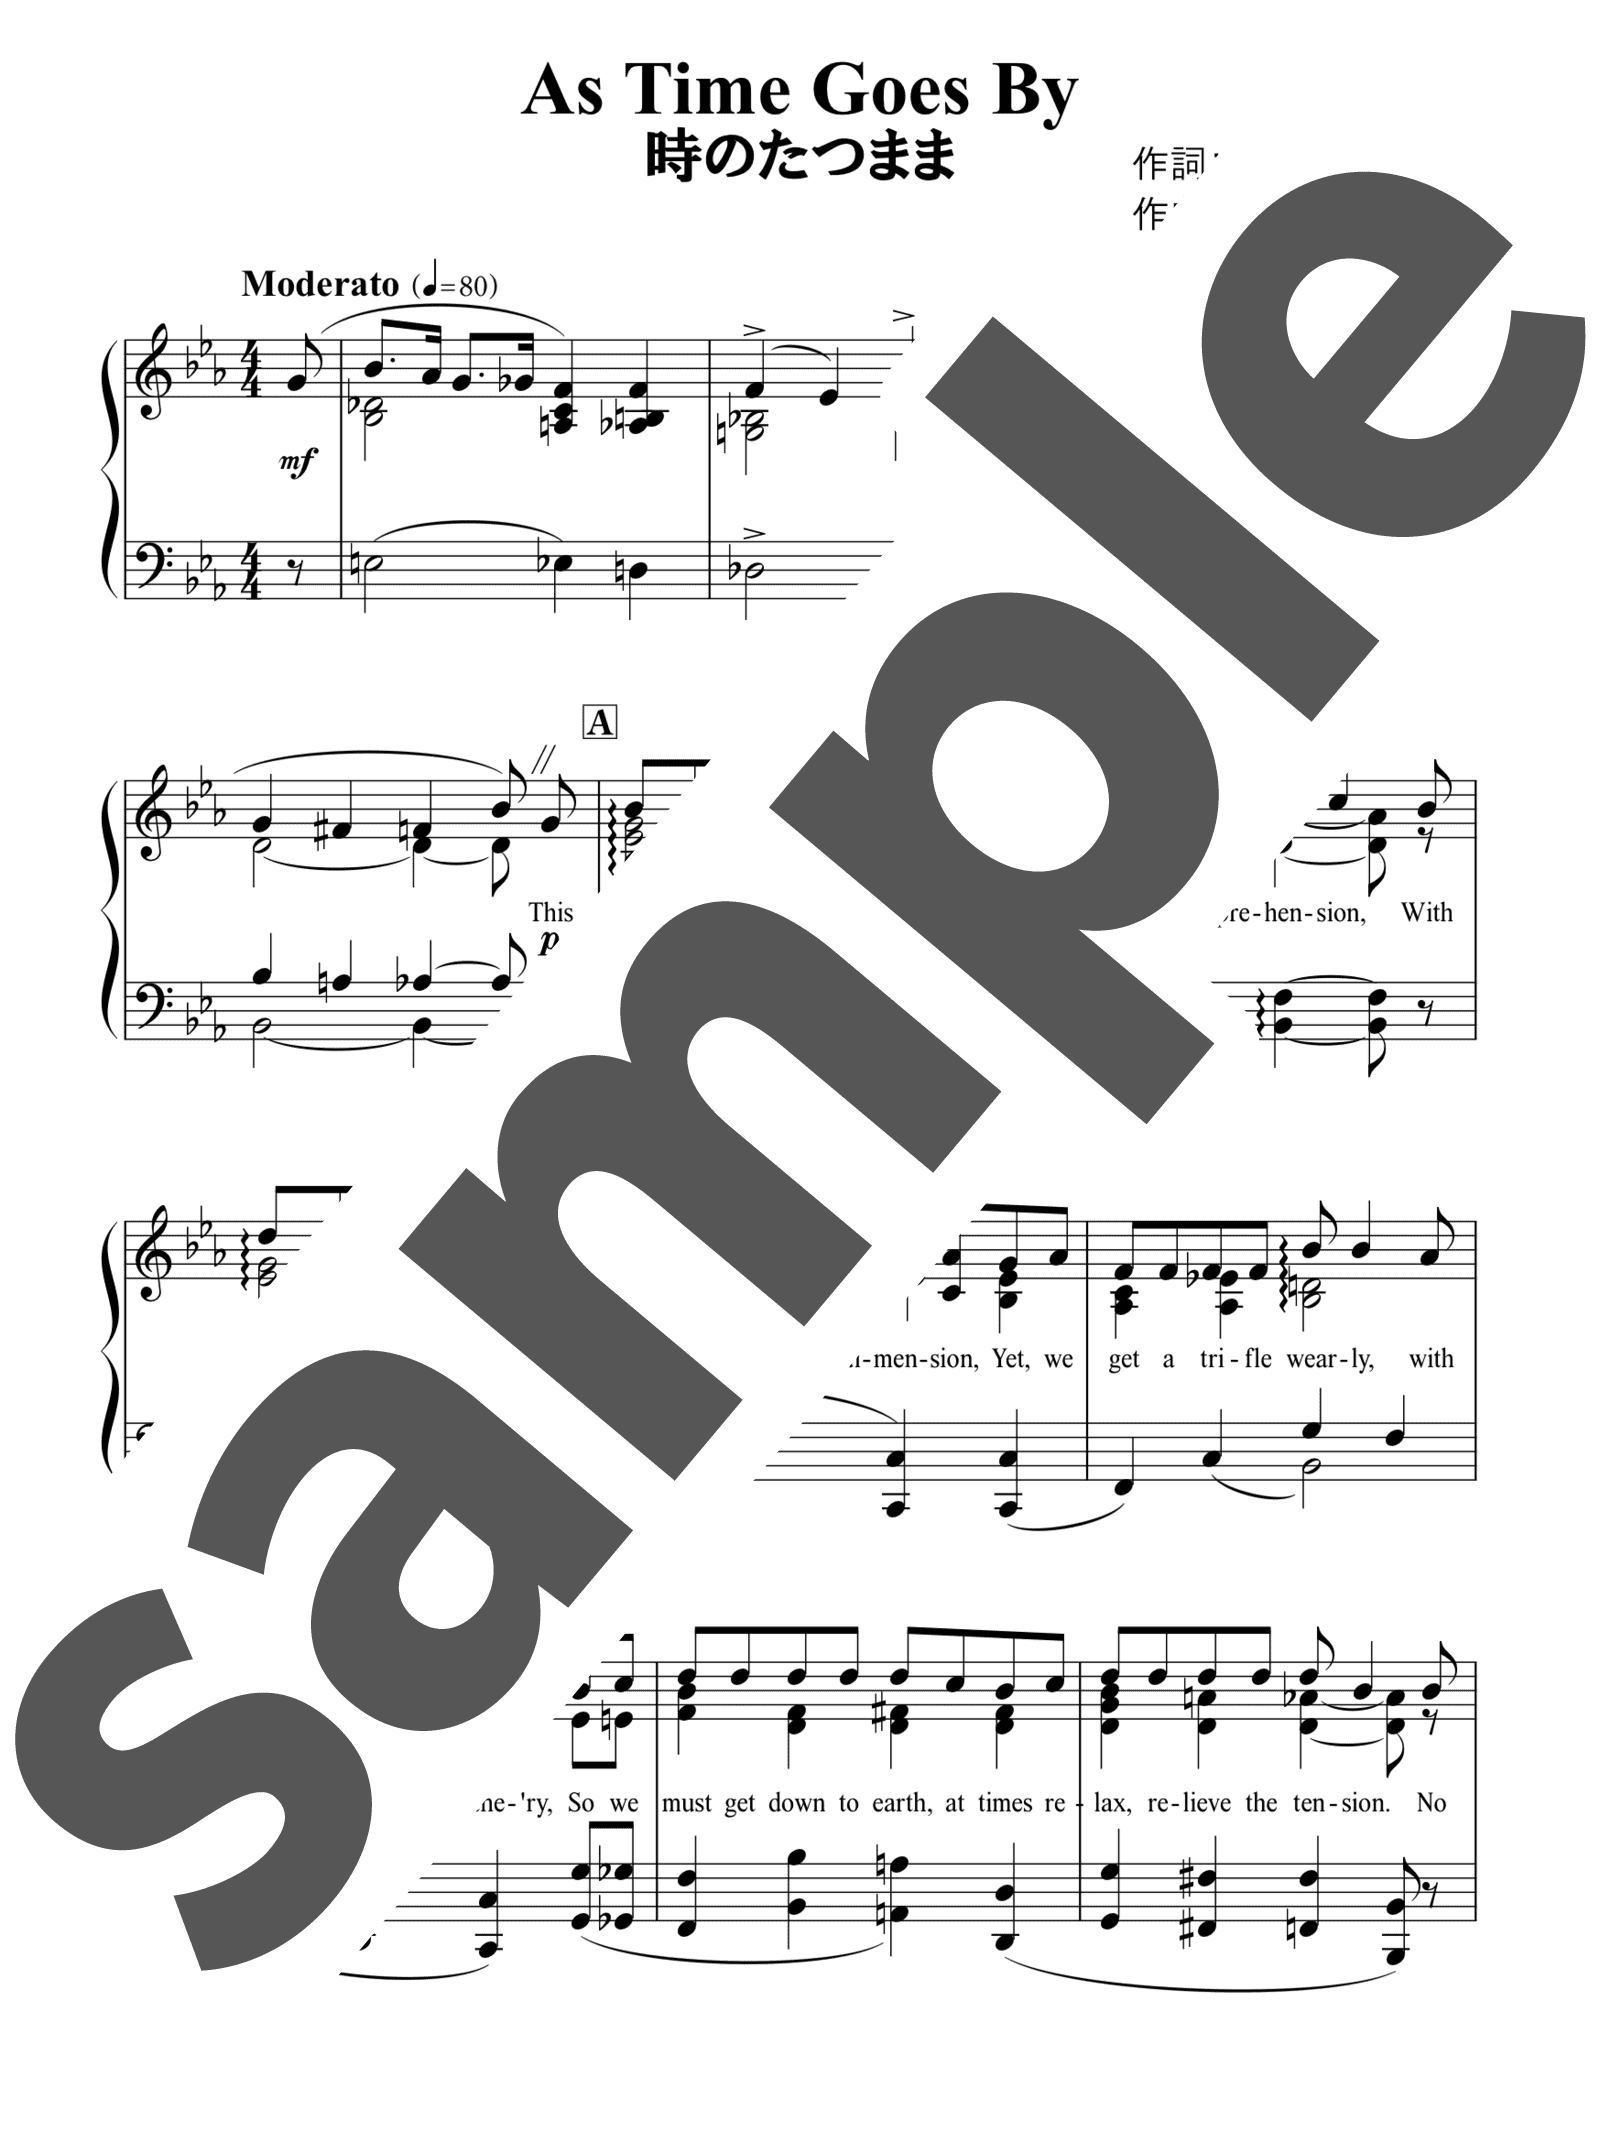 「時のたつまま」のサンプル楽譜